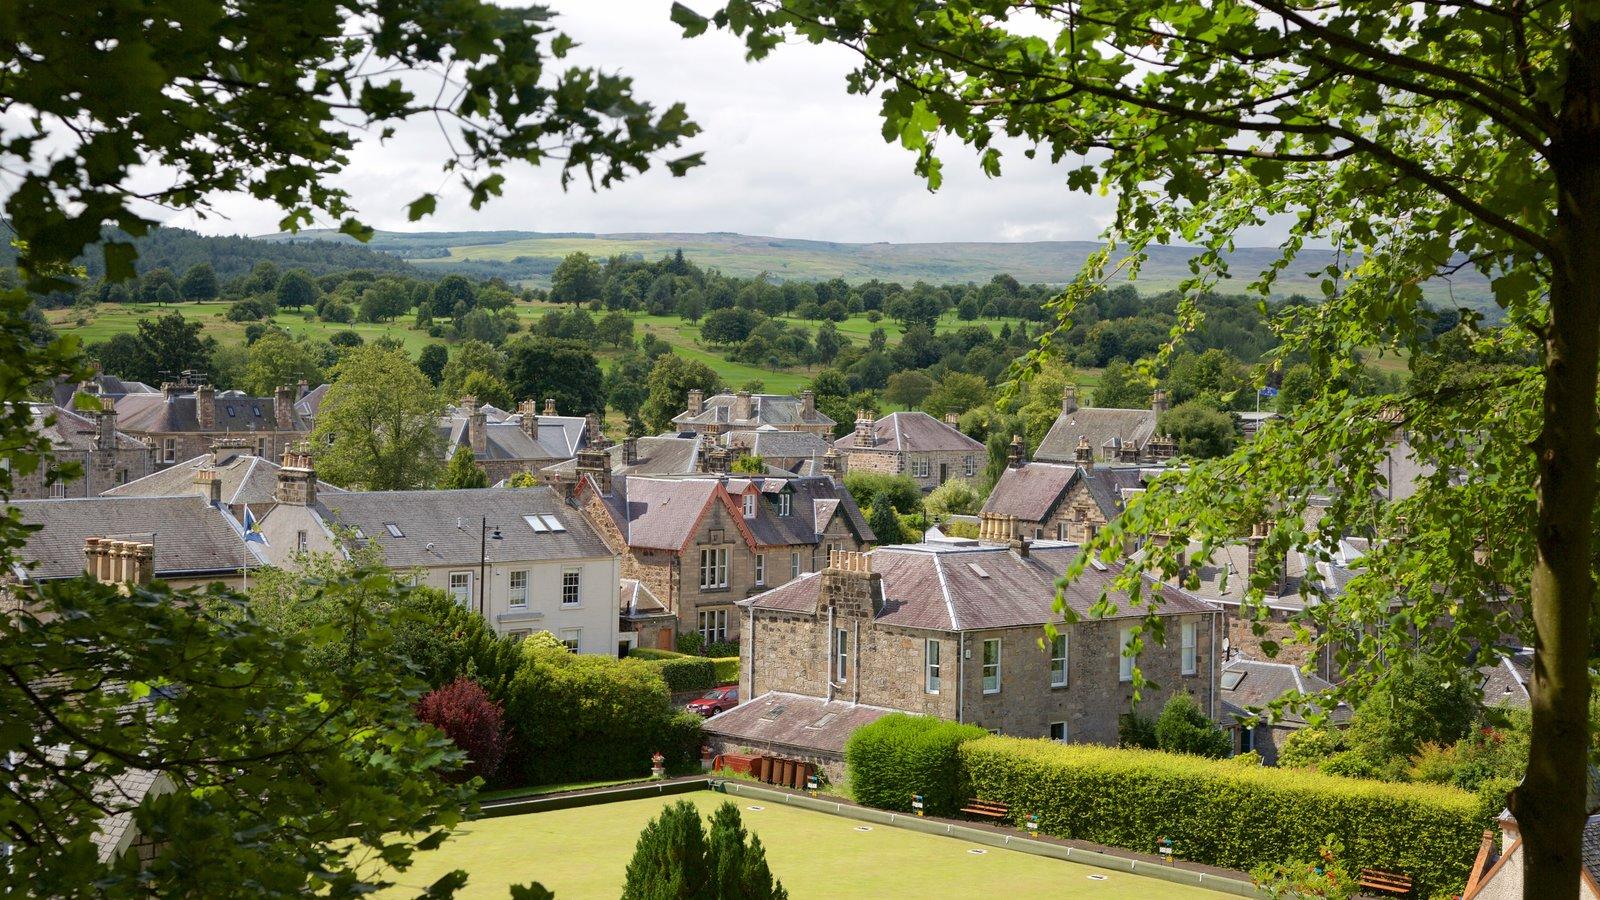 Stirling caracterizando uma cidade pequena ou vila